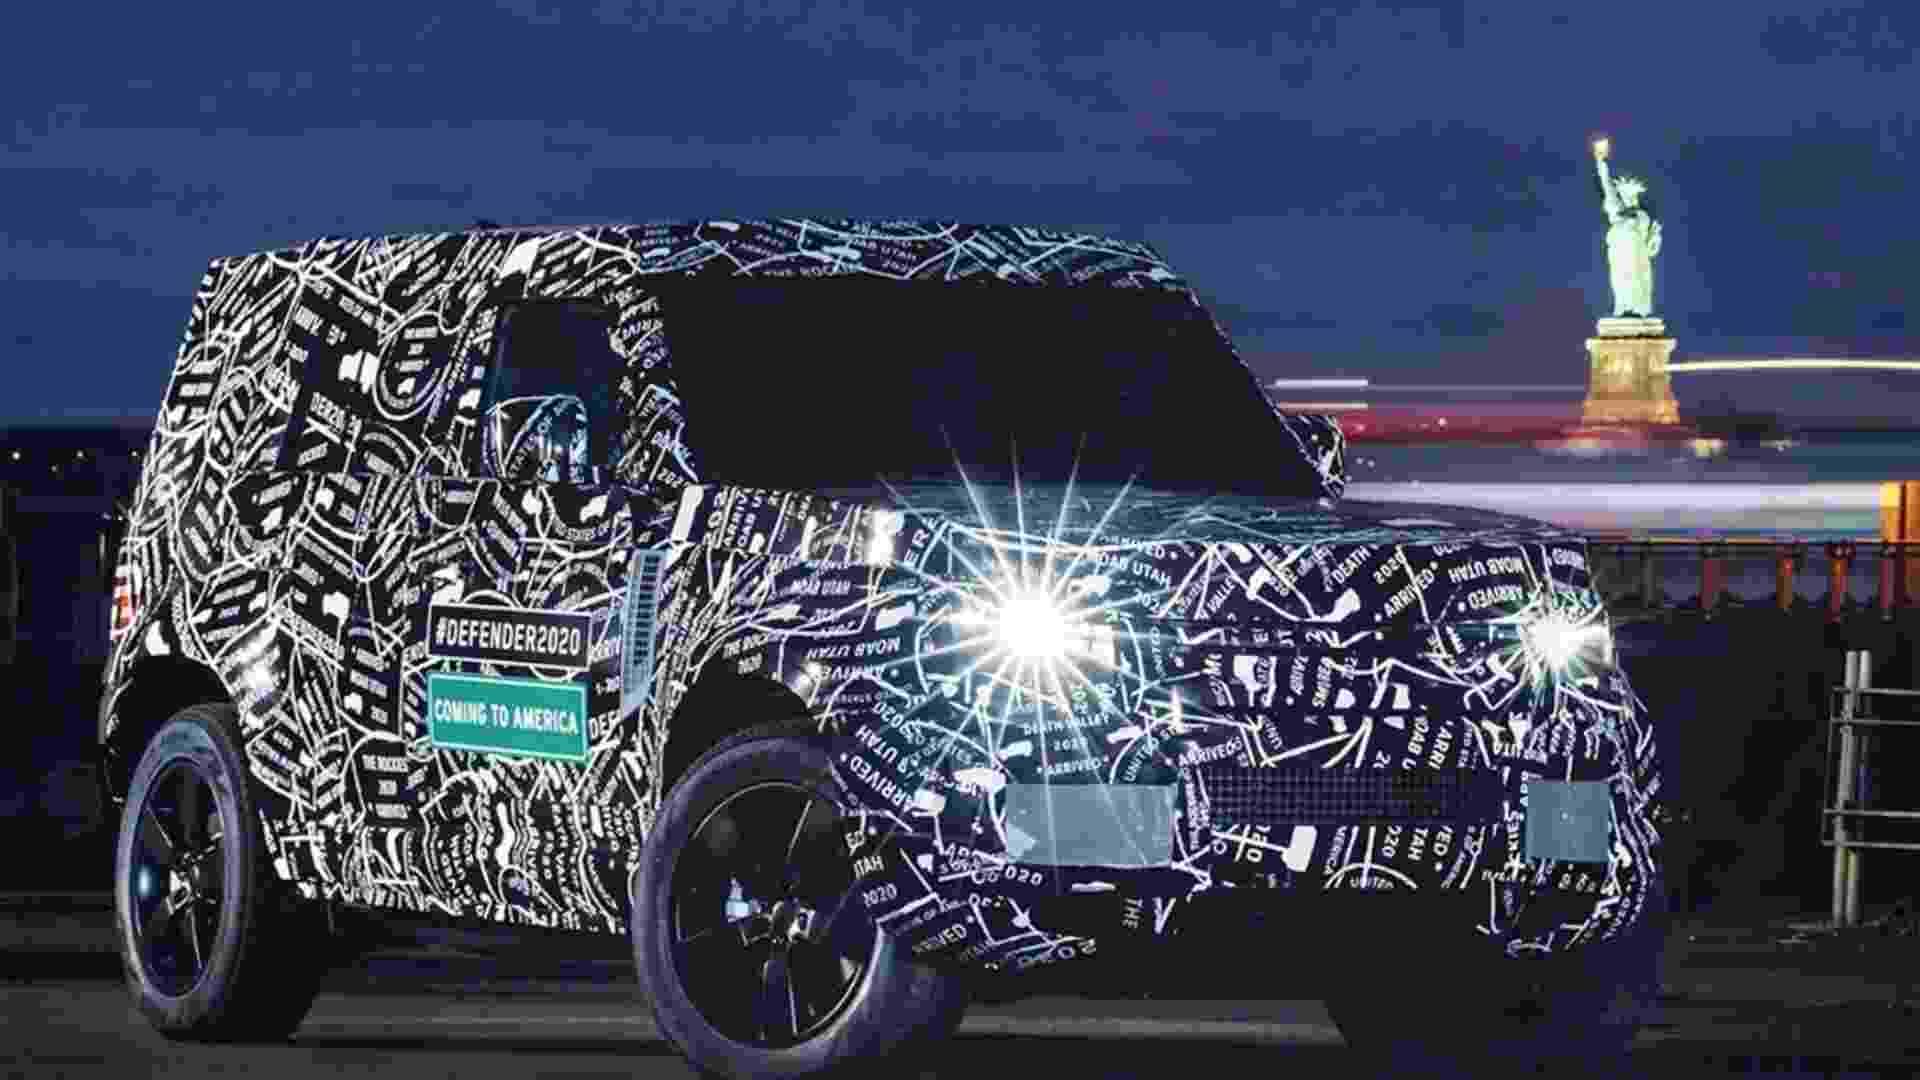 Land Rover Defender 2020 camuflado - Reprodução/Land Rover US